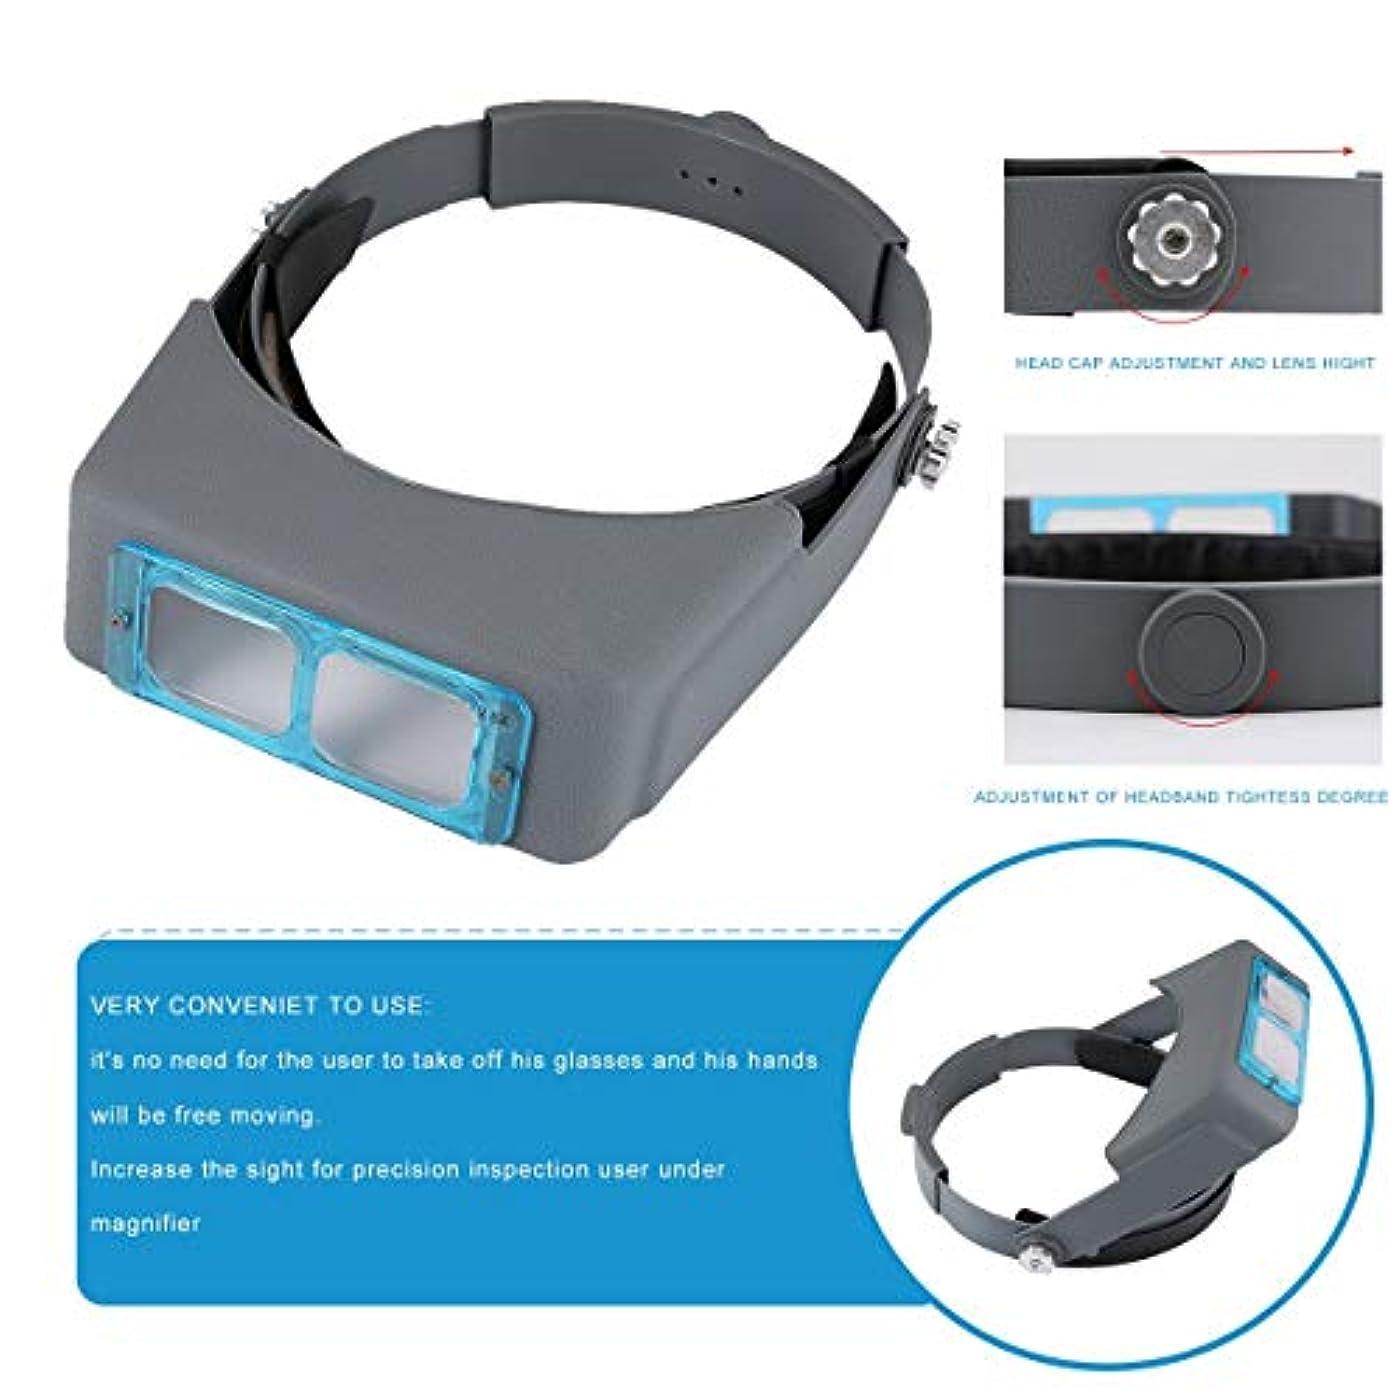 始める自宅で評価するブルー&ブラックダブルレンズヘッドマウントヘッドバンドリーディングルーペヘッドルーペ虫眼鏡ルーペ4拡大鏡